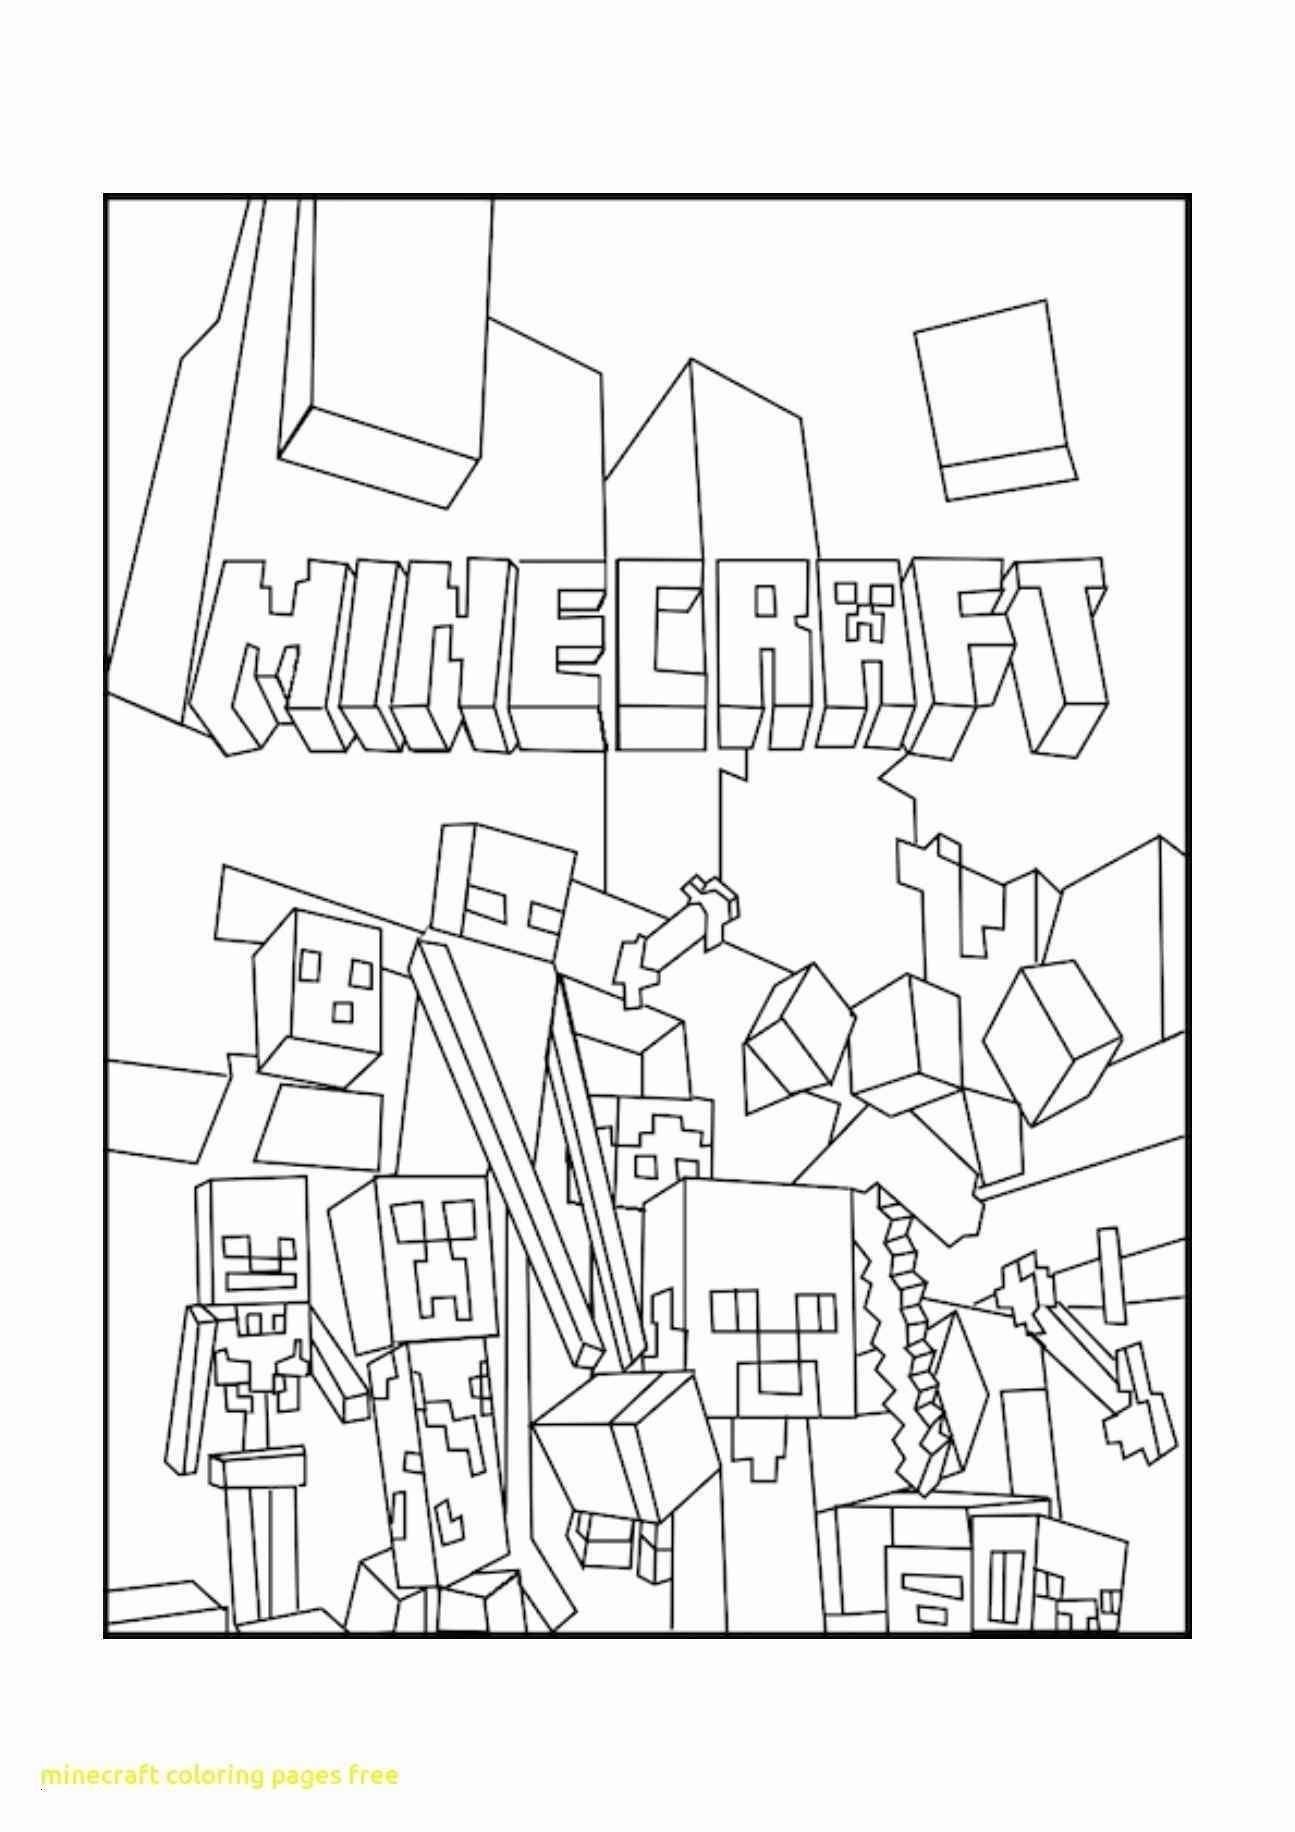 Minecraft Ausmalbilder Drucken 59 Einzigartig Minecraft Ausmalbilder Drucken Minecraft Au Minecraft Ausmalbilder Malvorlage Prinzessin Malvorlagen Tiere